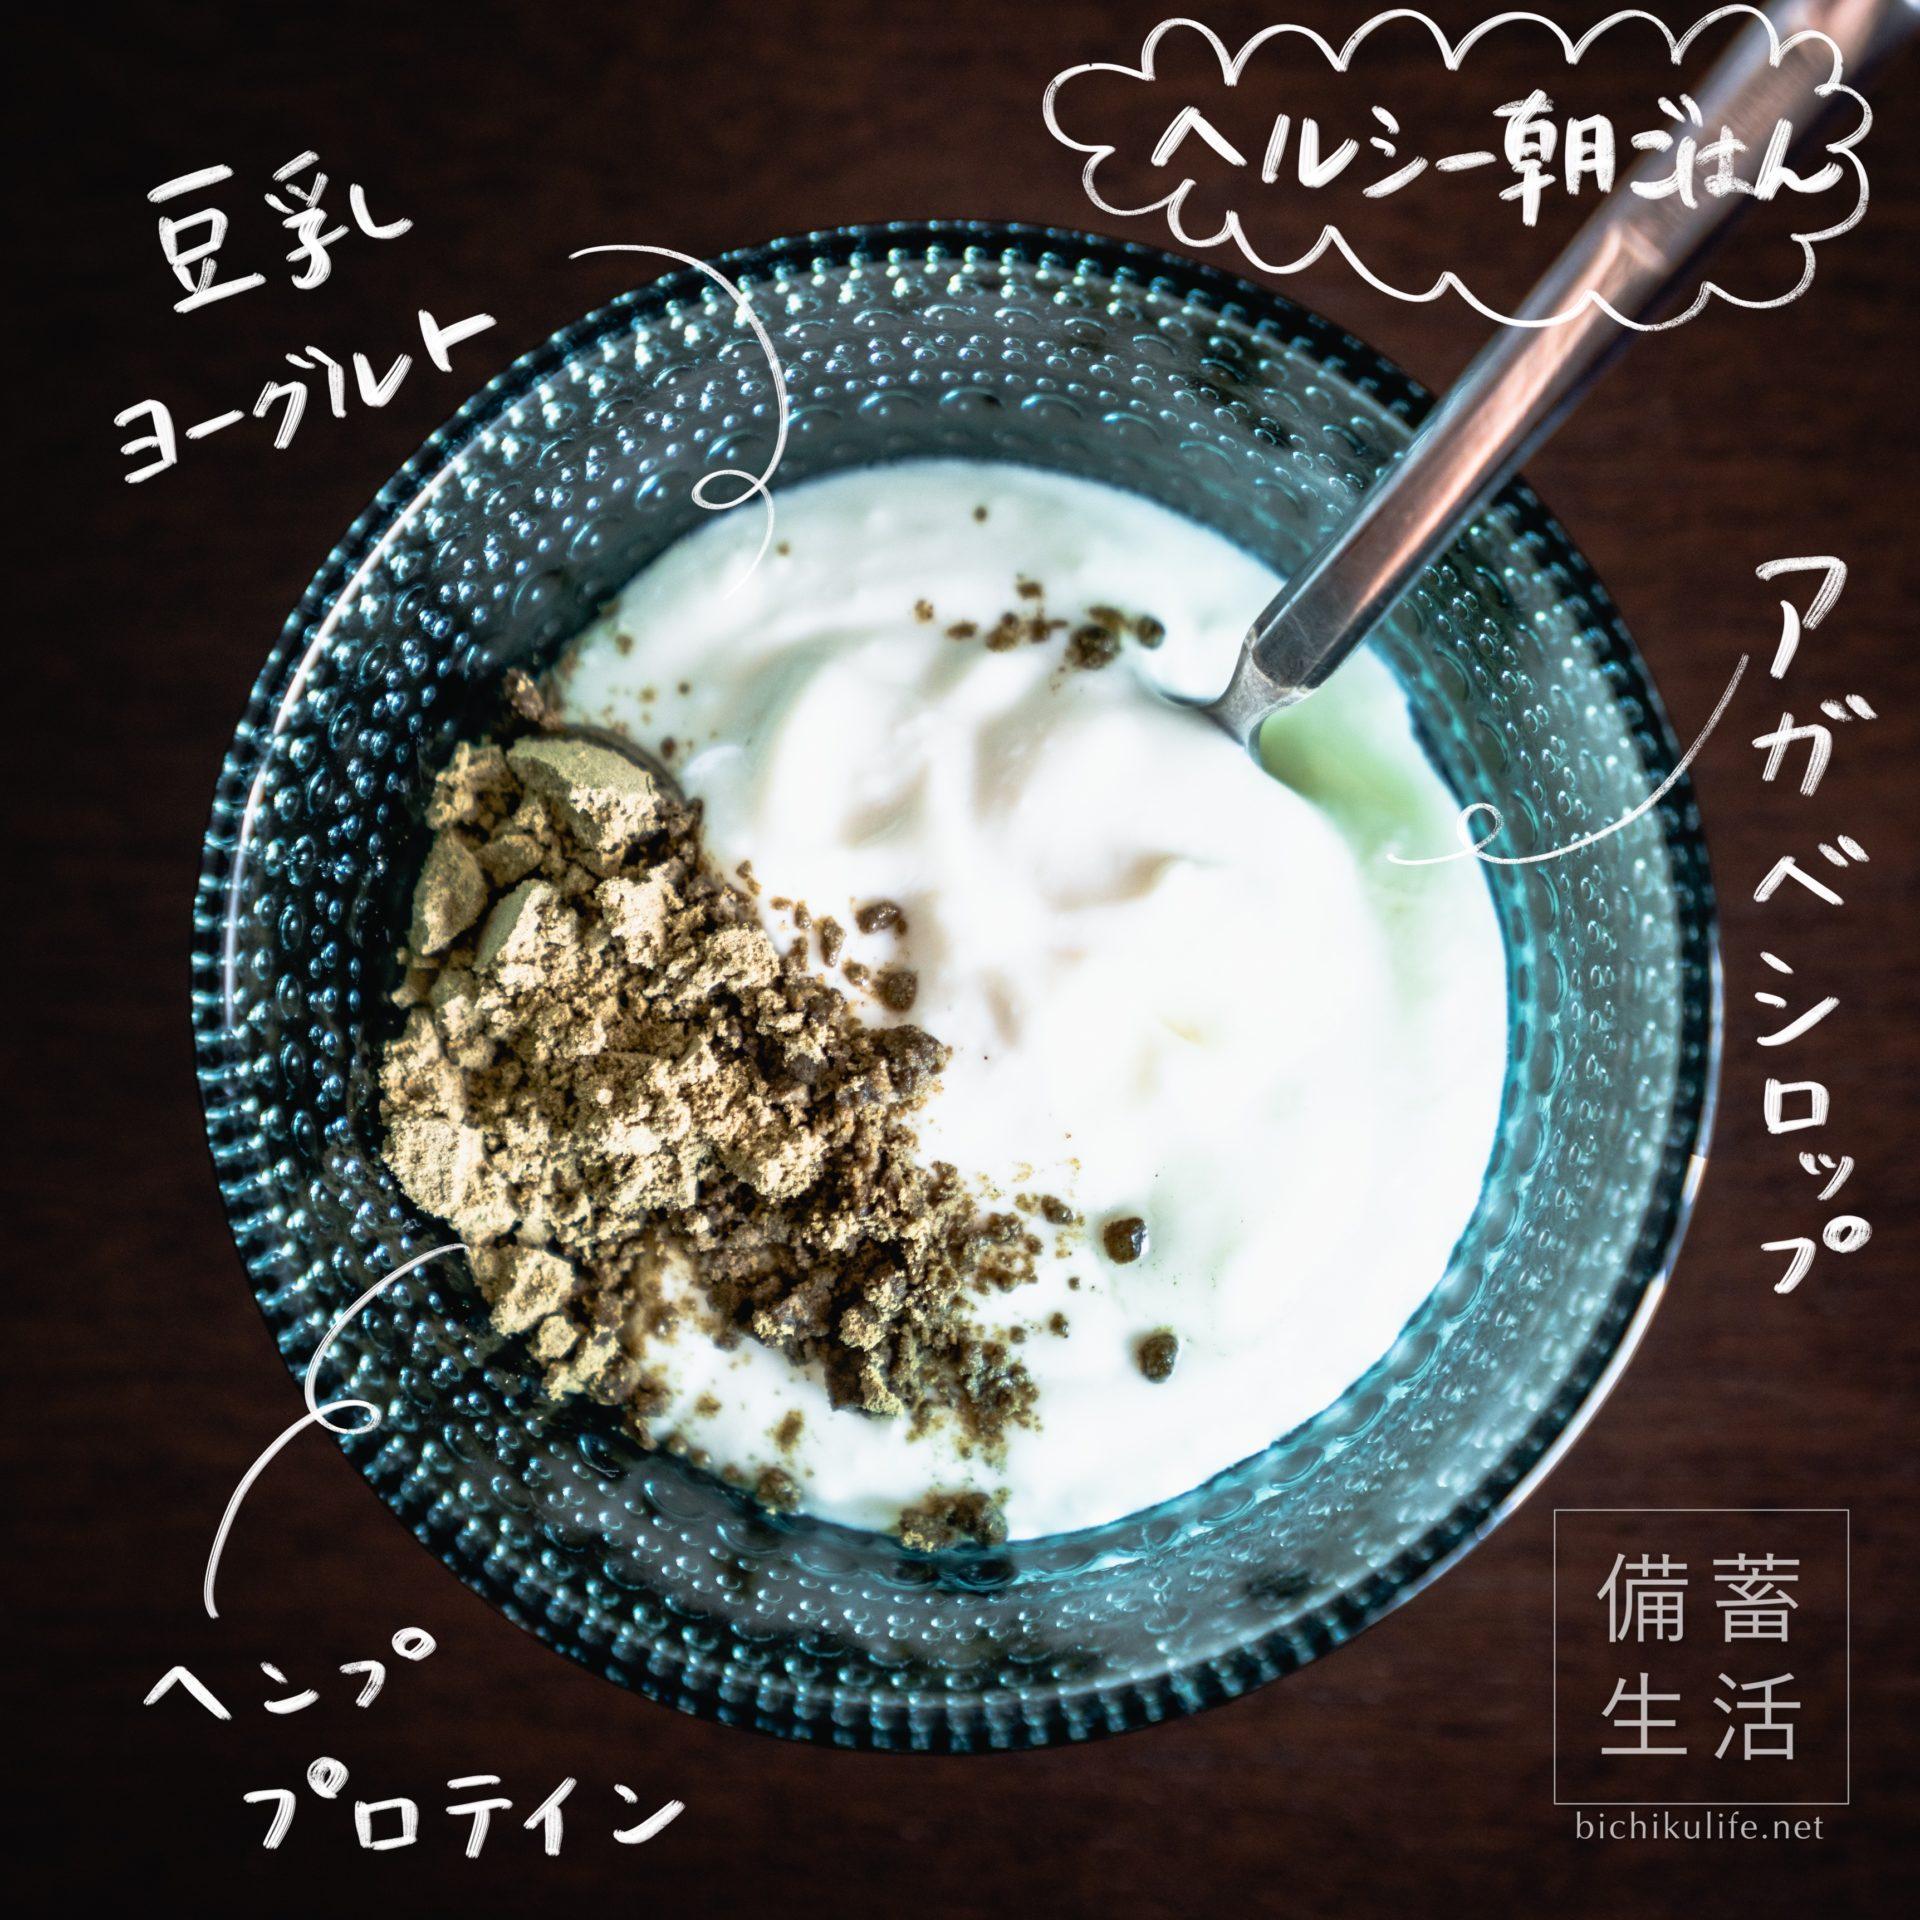 ヘルシーな朝食 フルーツはキウイ、バナナ、リンゴ。 豆乳ヨーグルトにヘンププロテインとアガベシロップを混ぜ、たんぱく質とオメガ3脂肪酸をしっかり摂取する。